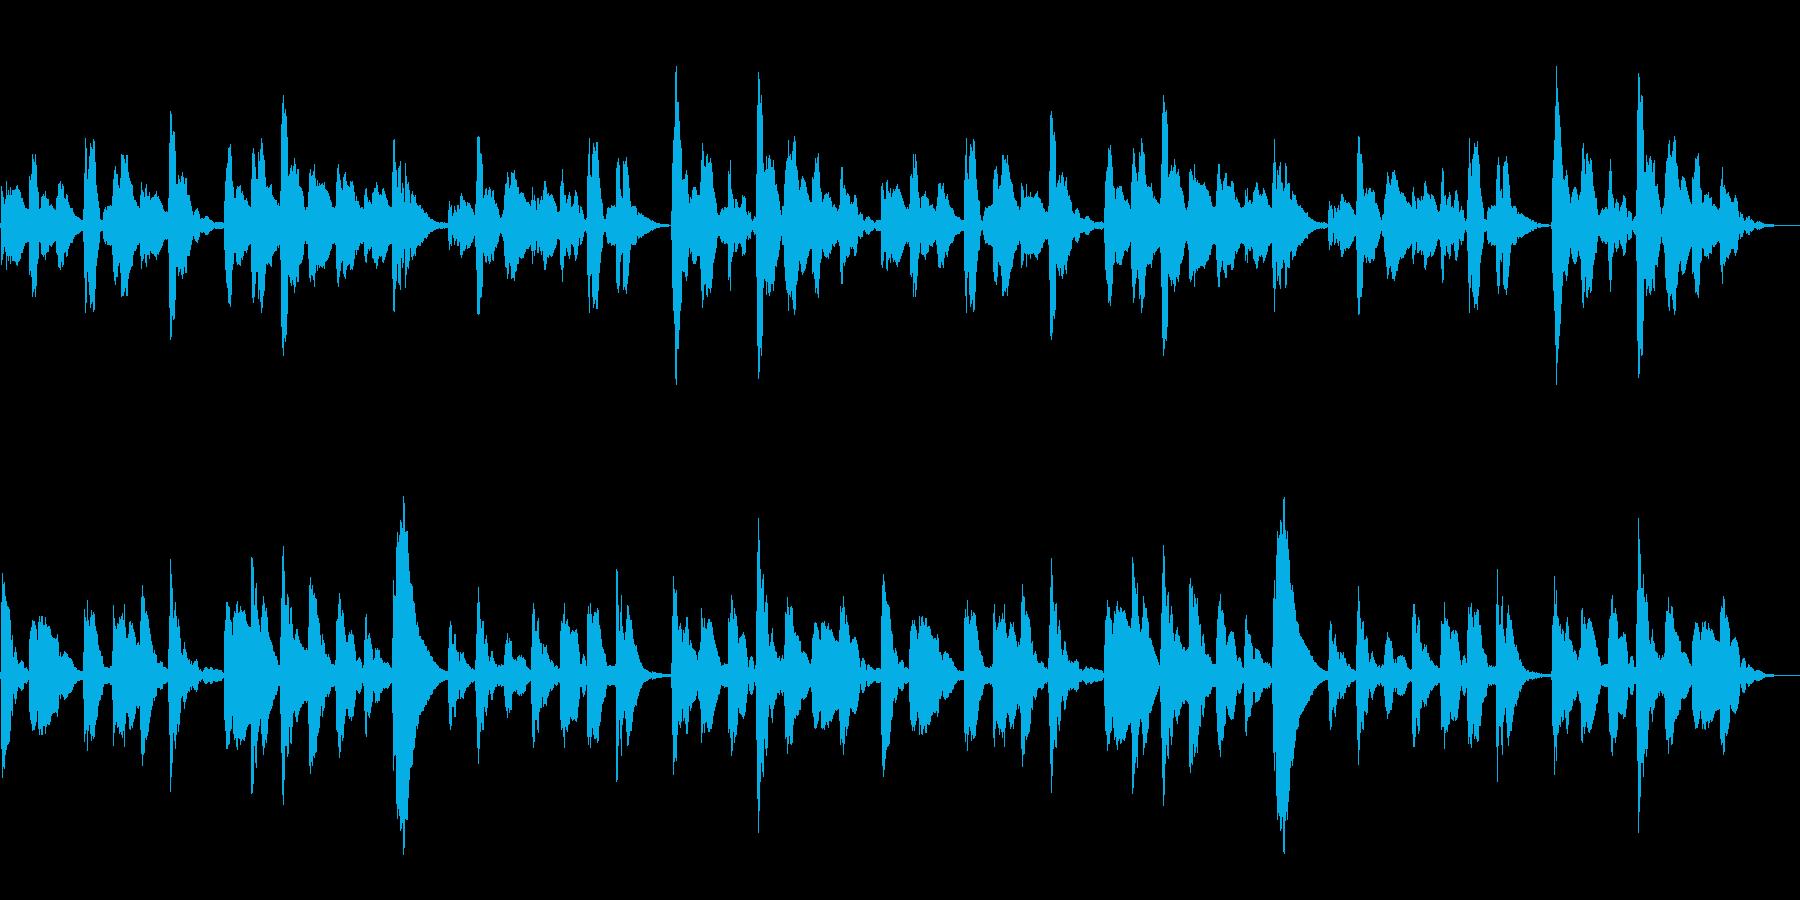 ホラーに使えるベルを使ったBGMの再生済みの波形